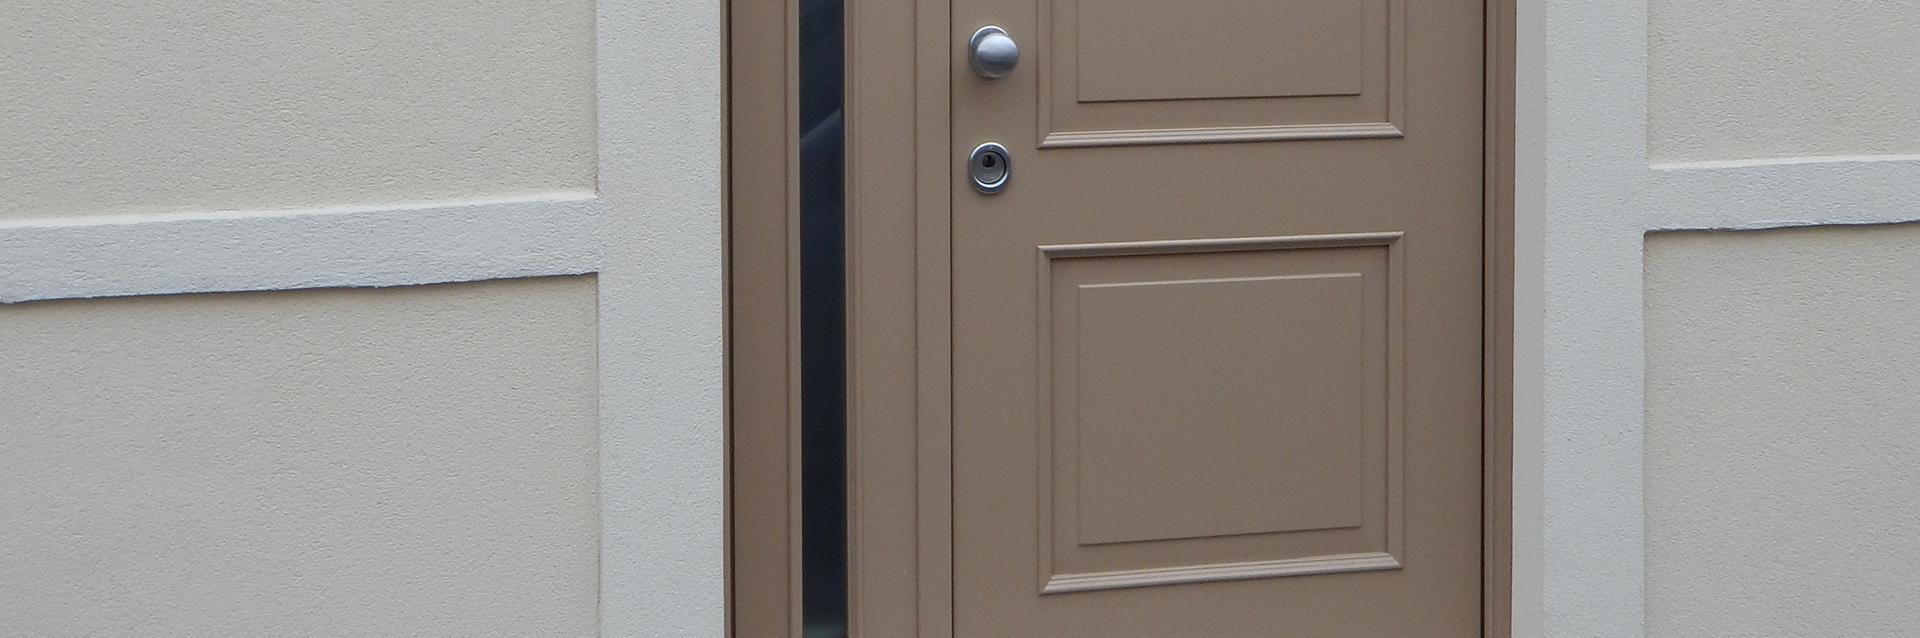 Realizzazione porte blindate padova porte finestre - Montaggio paraspifferi porta blindata ...